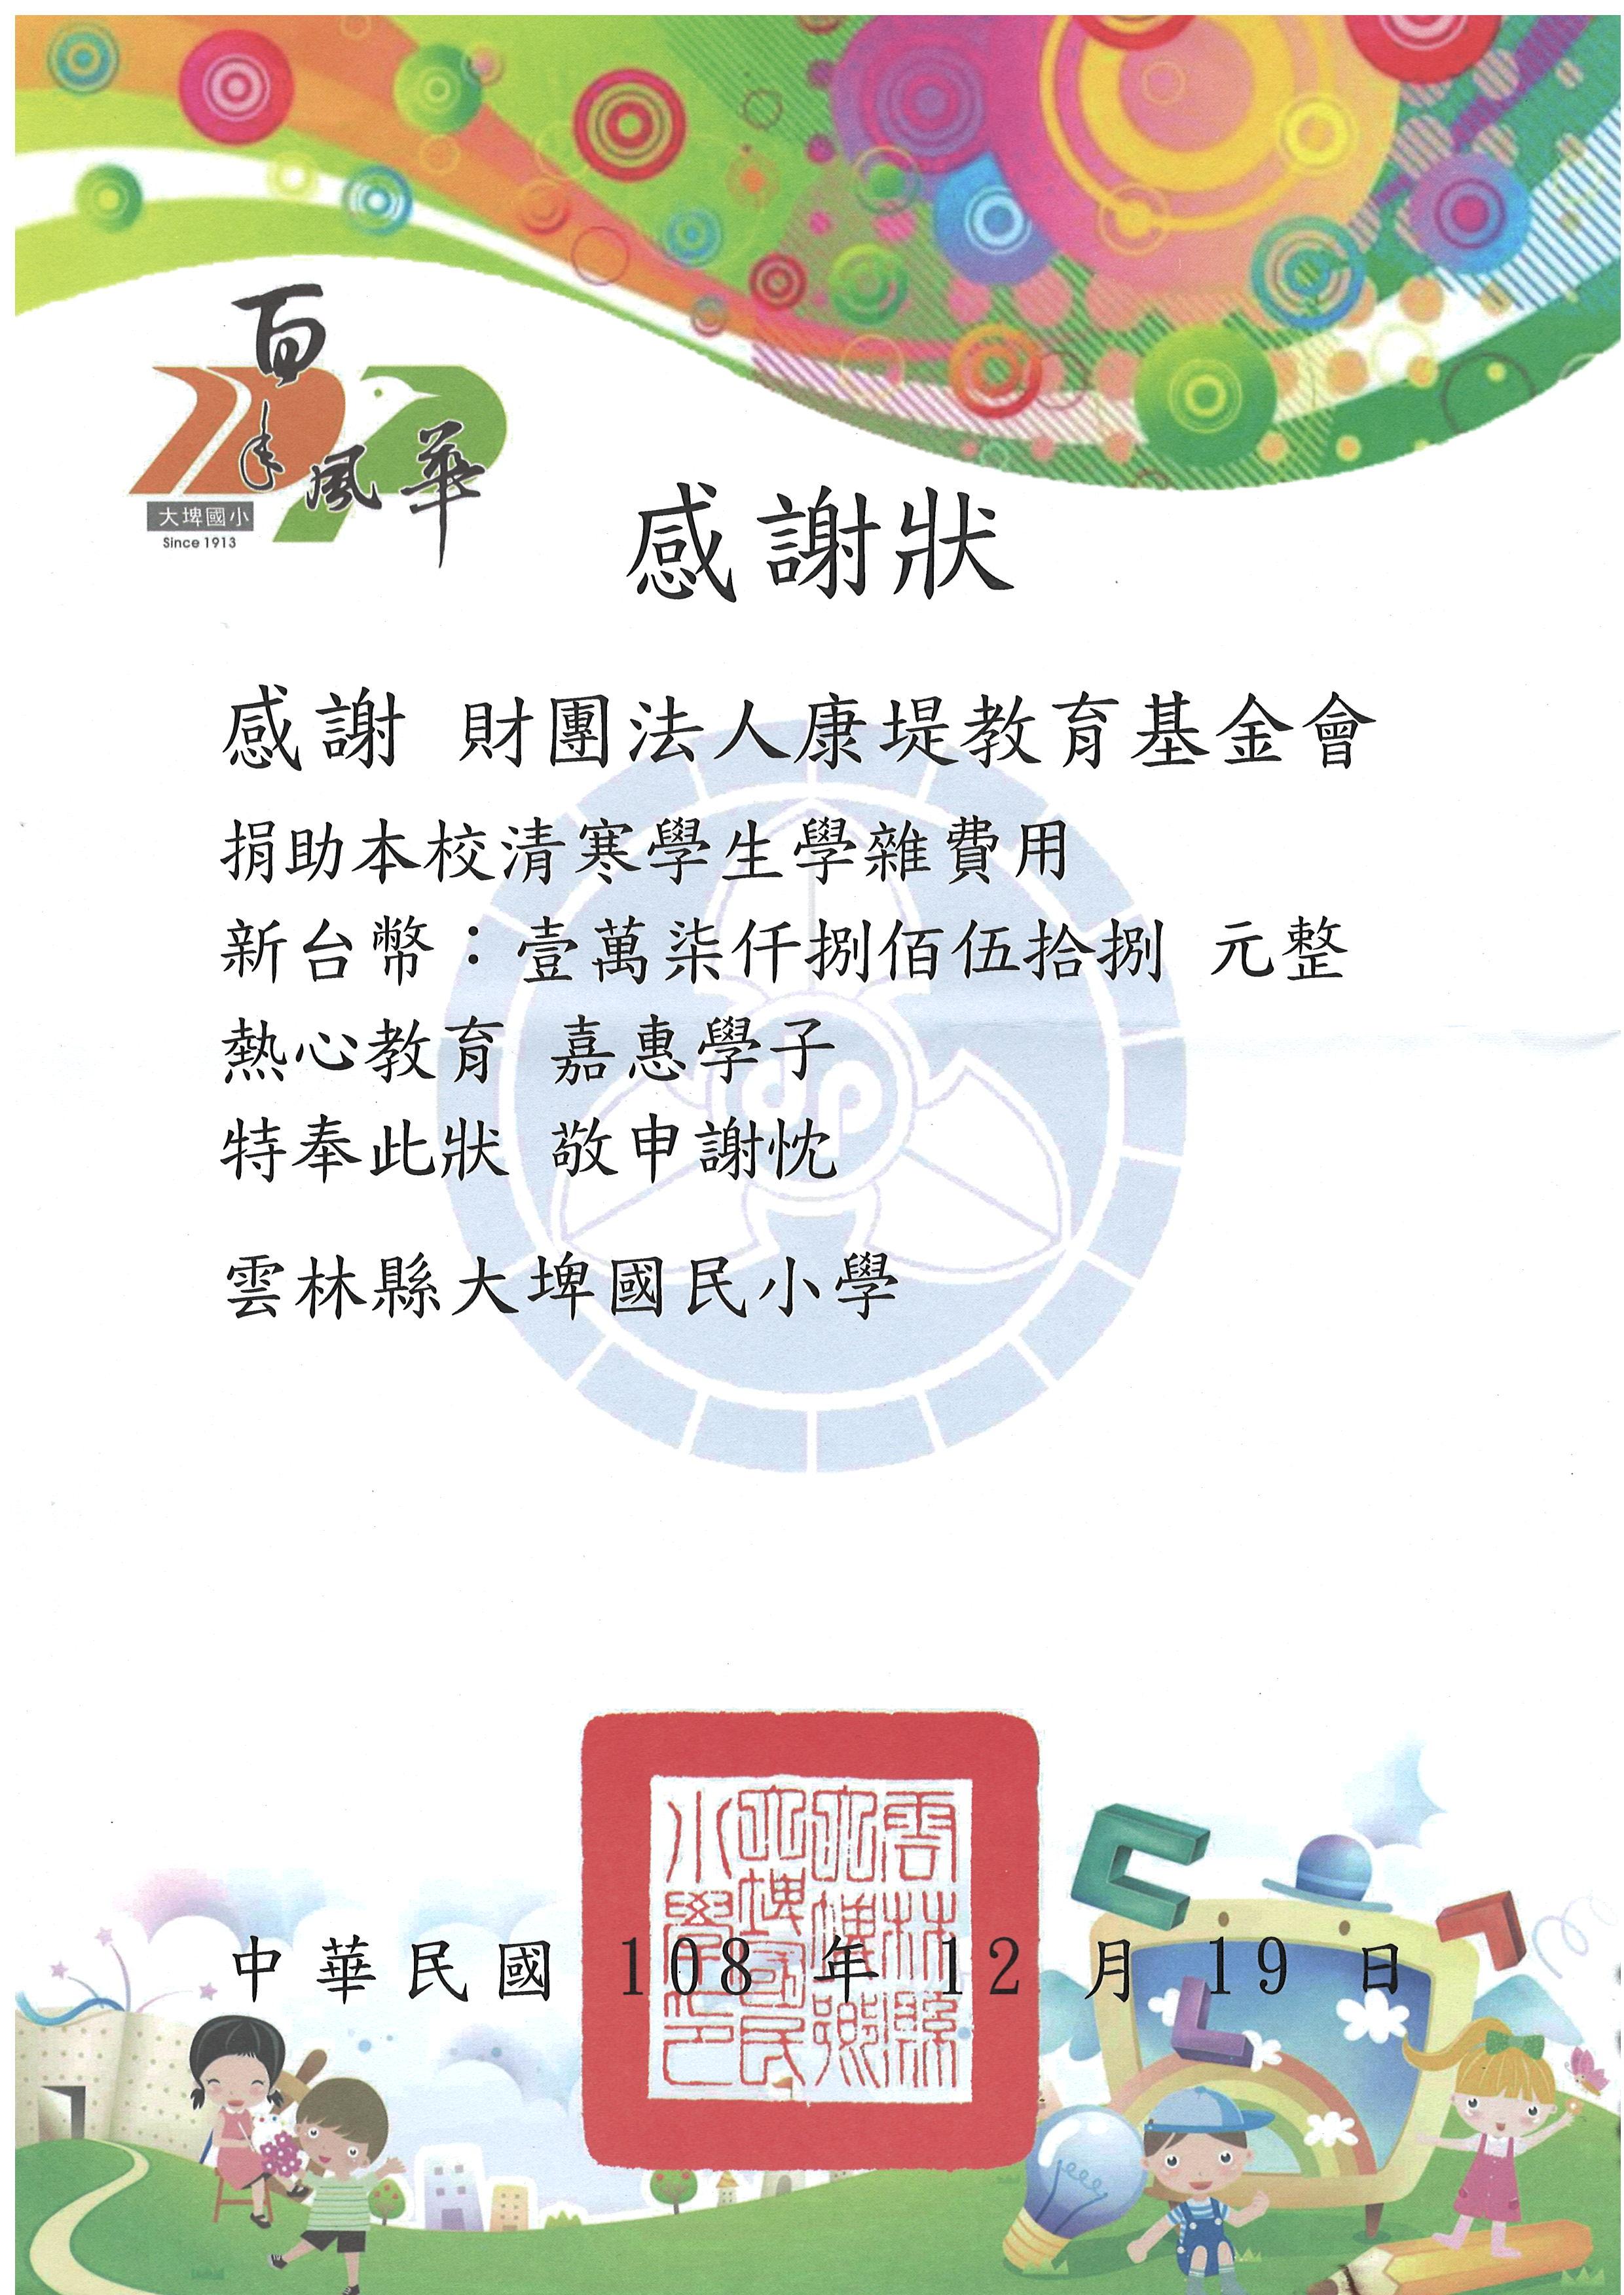 康堤2019年捐助 雲林大埤國民小學 1萬7千8百元。